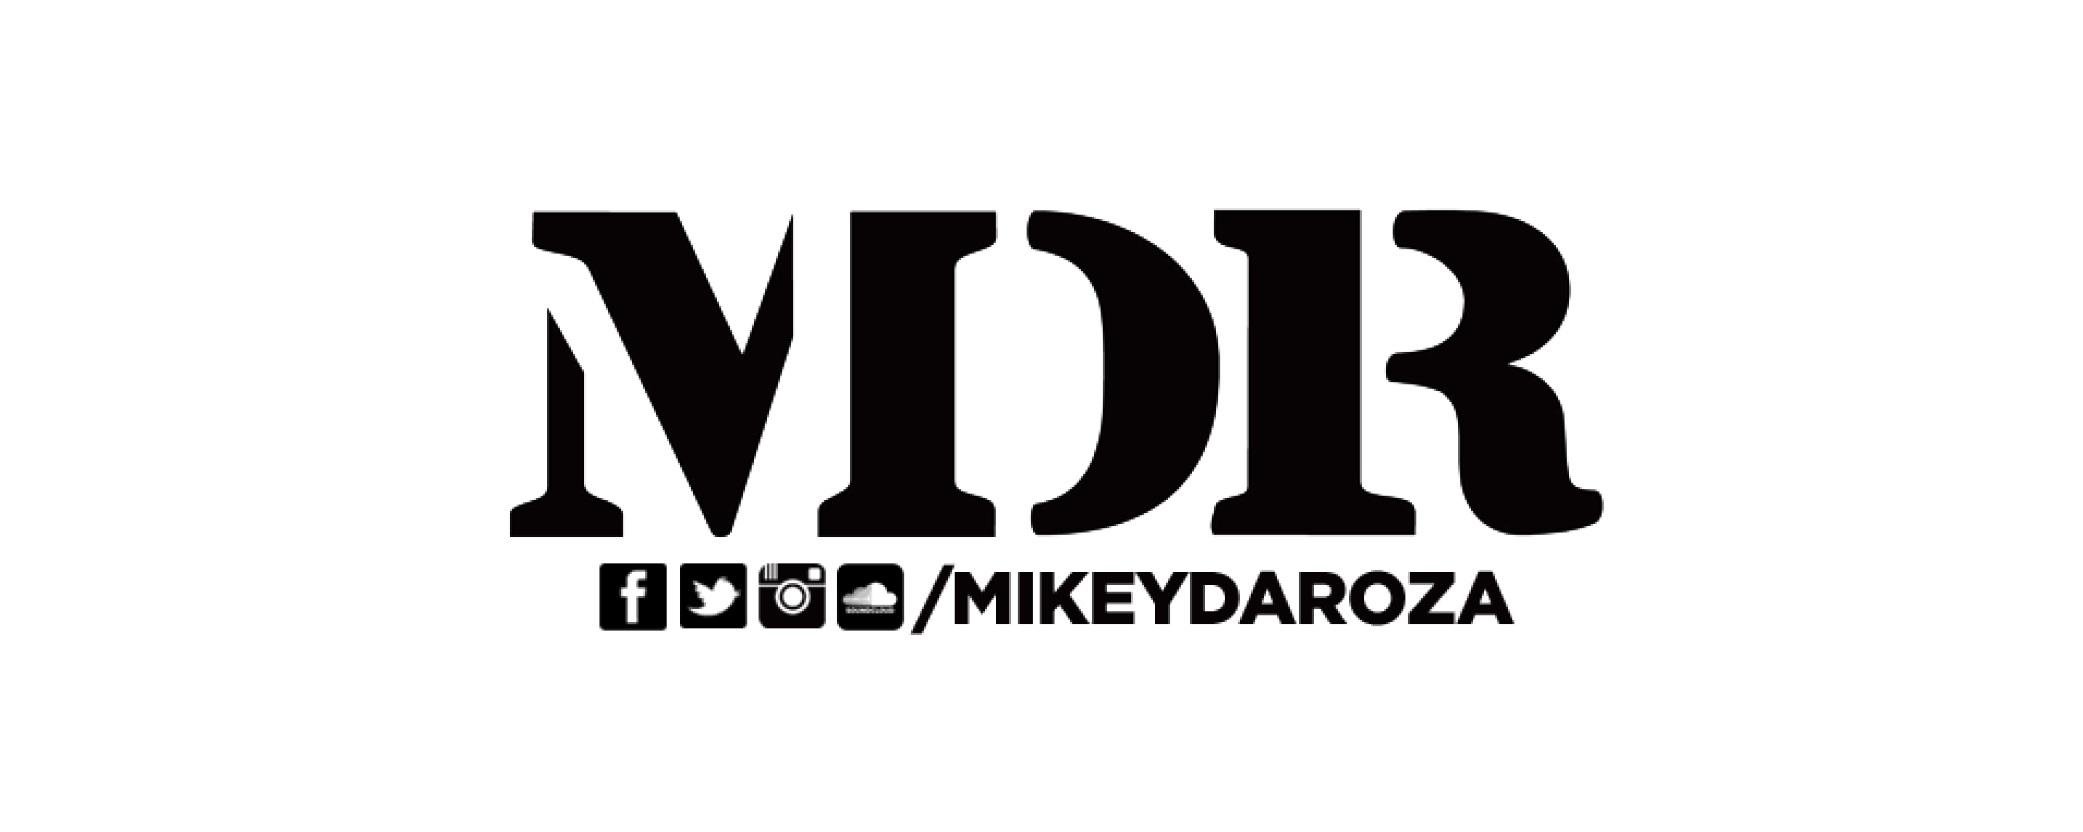 mikey+da+roza.jpg